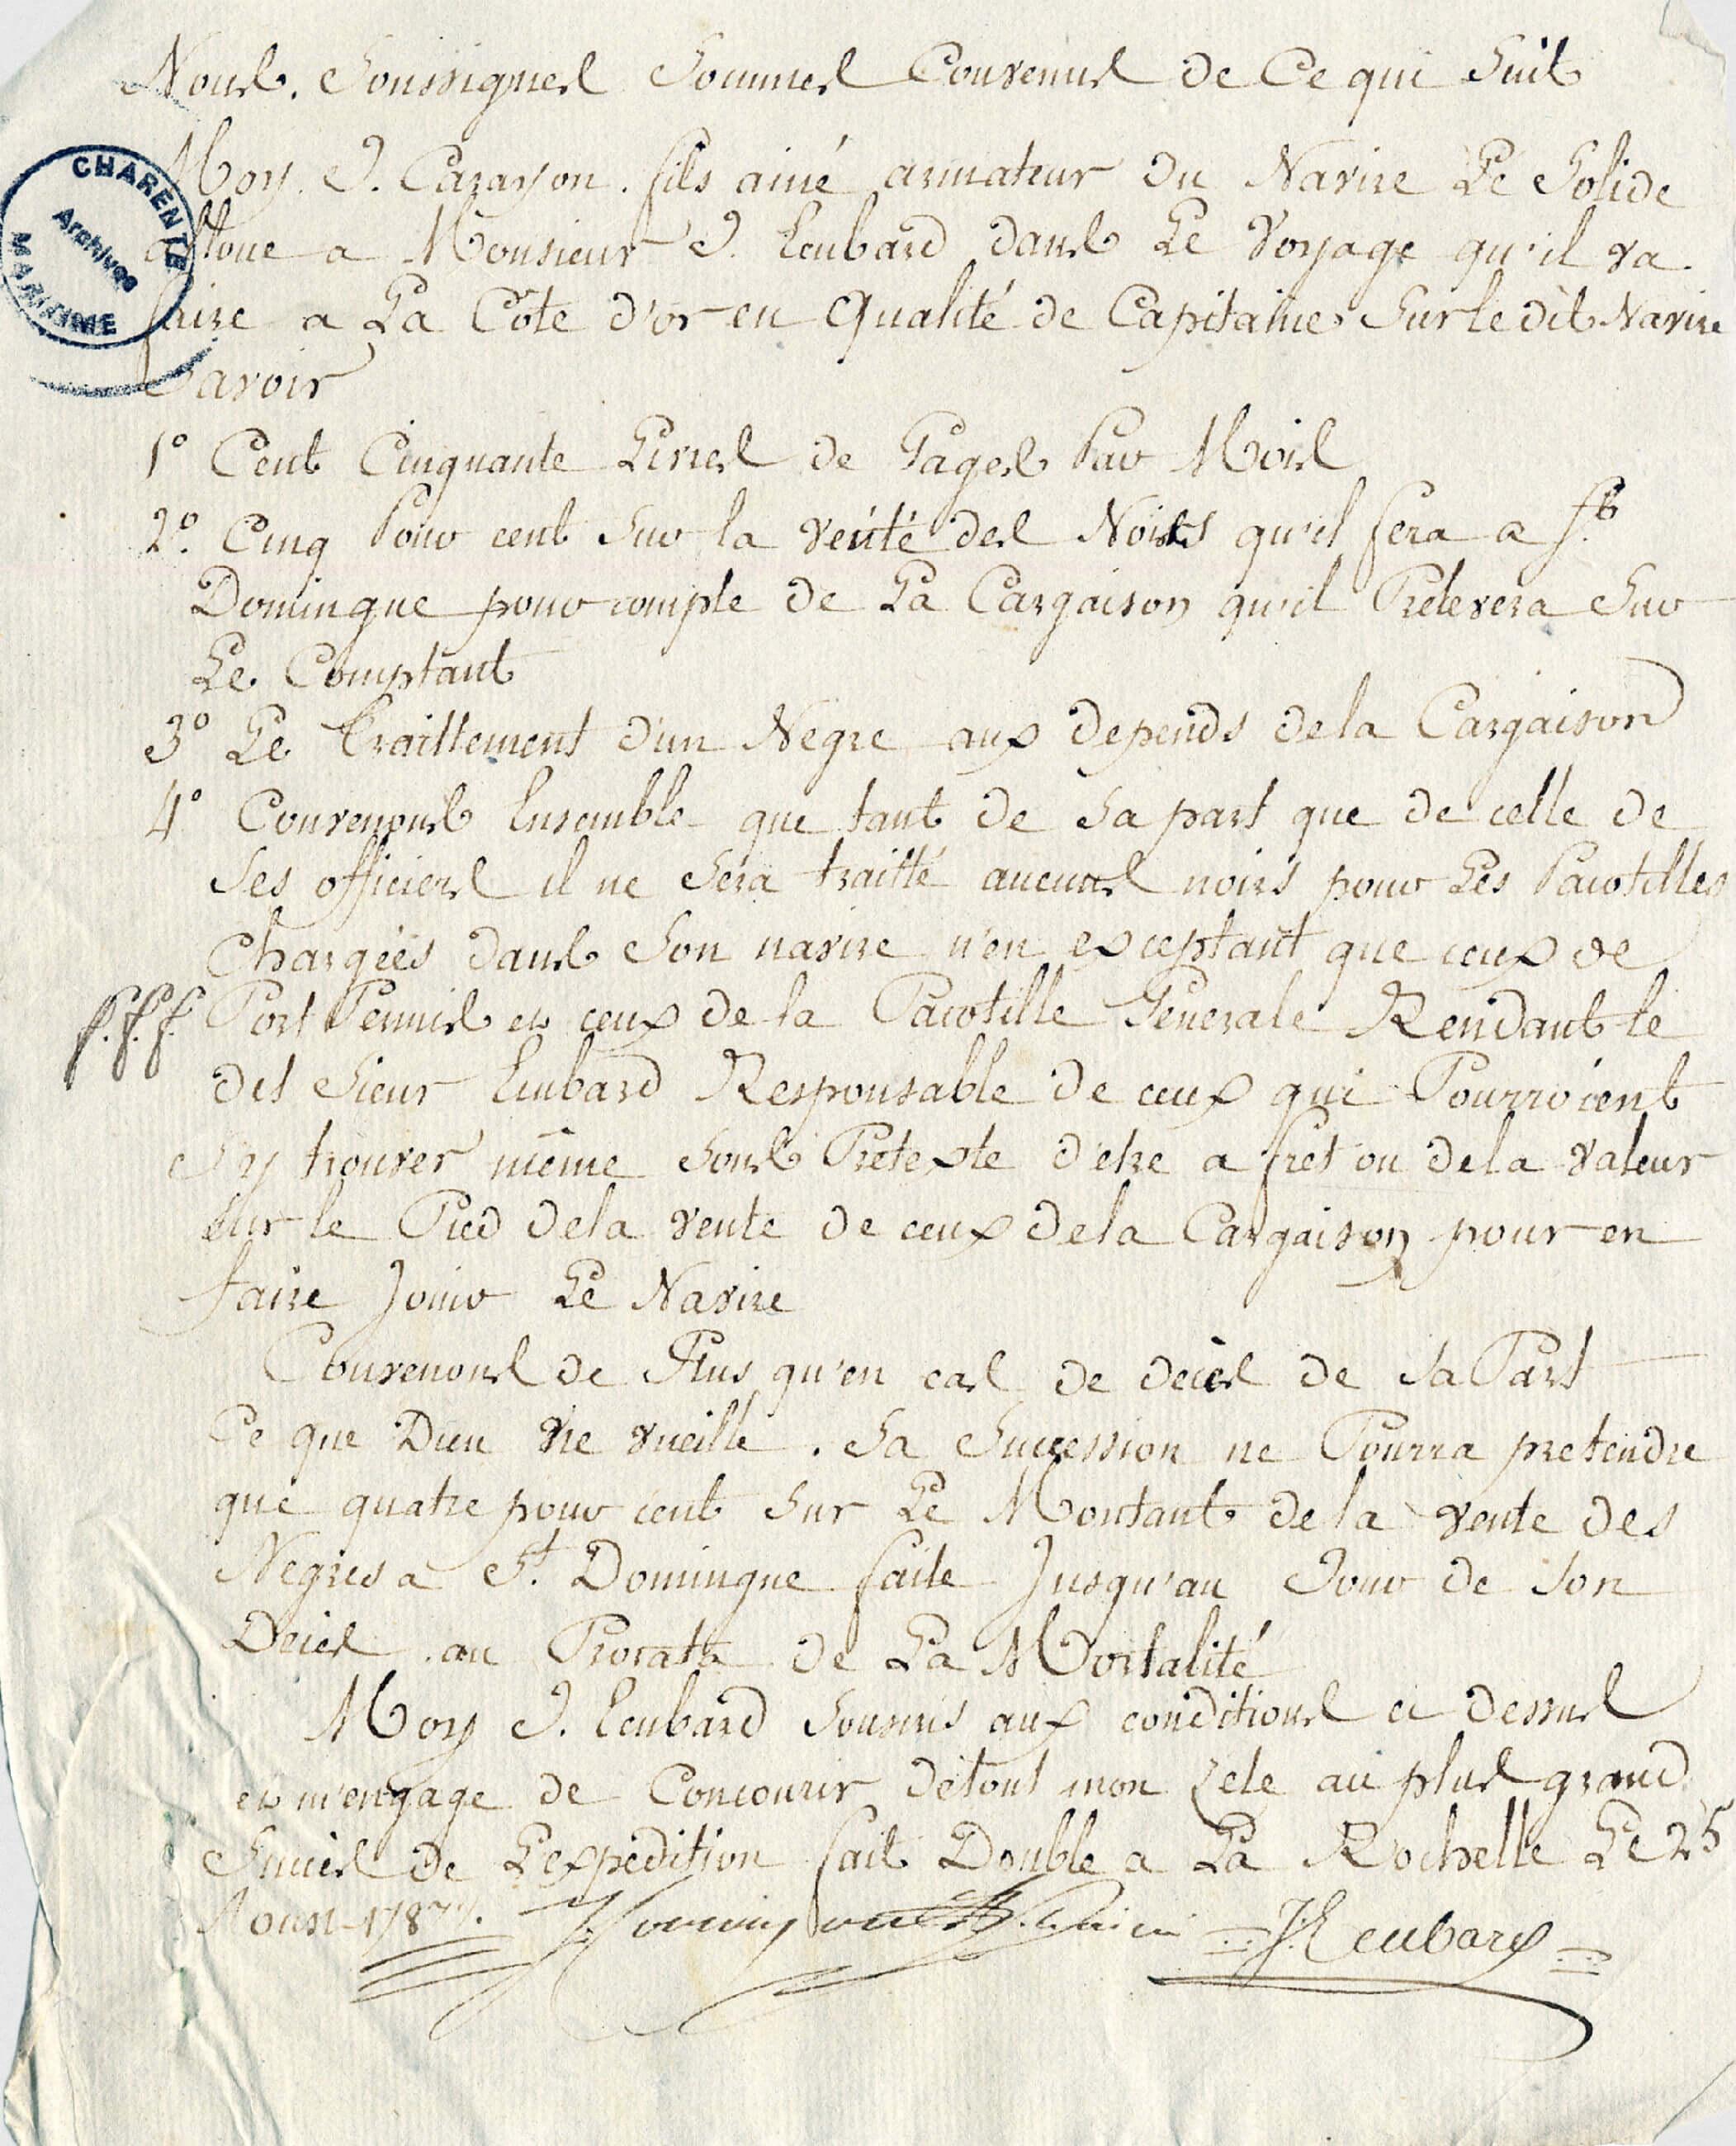 Contrat d'engagement de Jean Ecubard